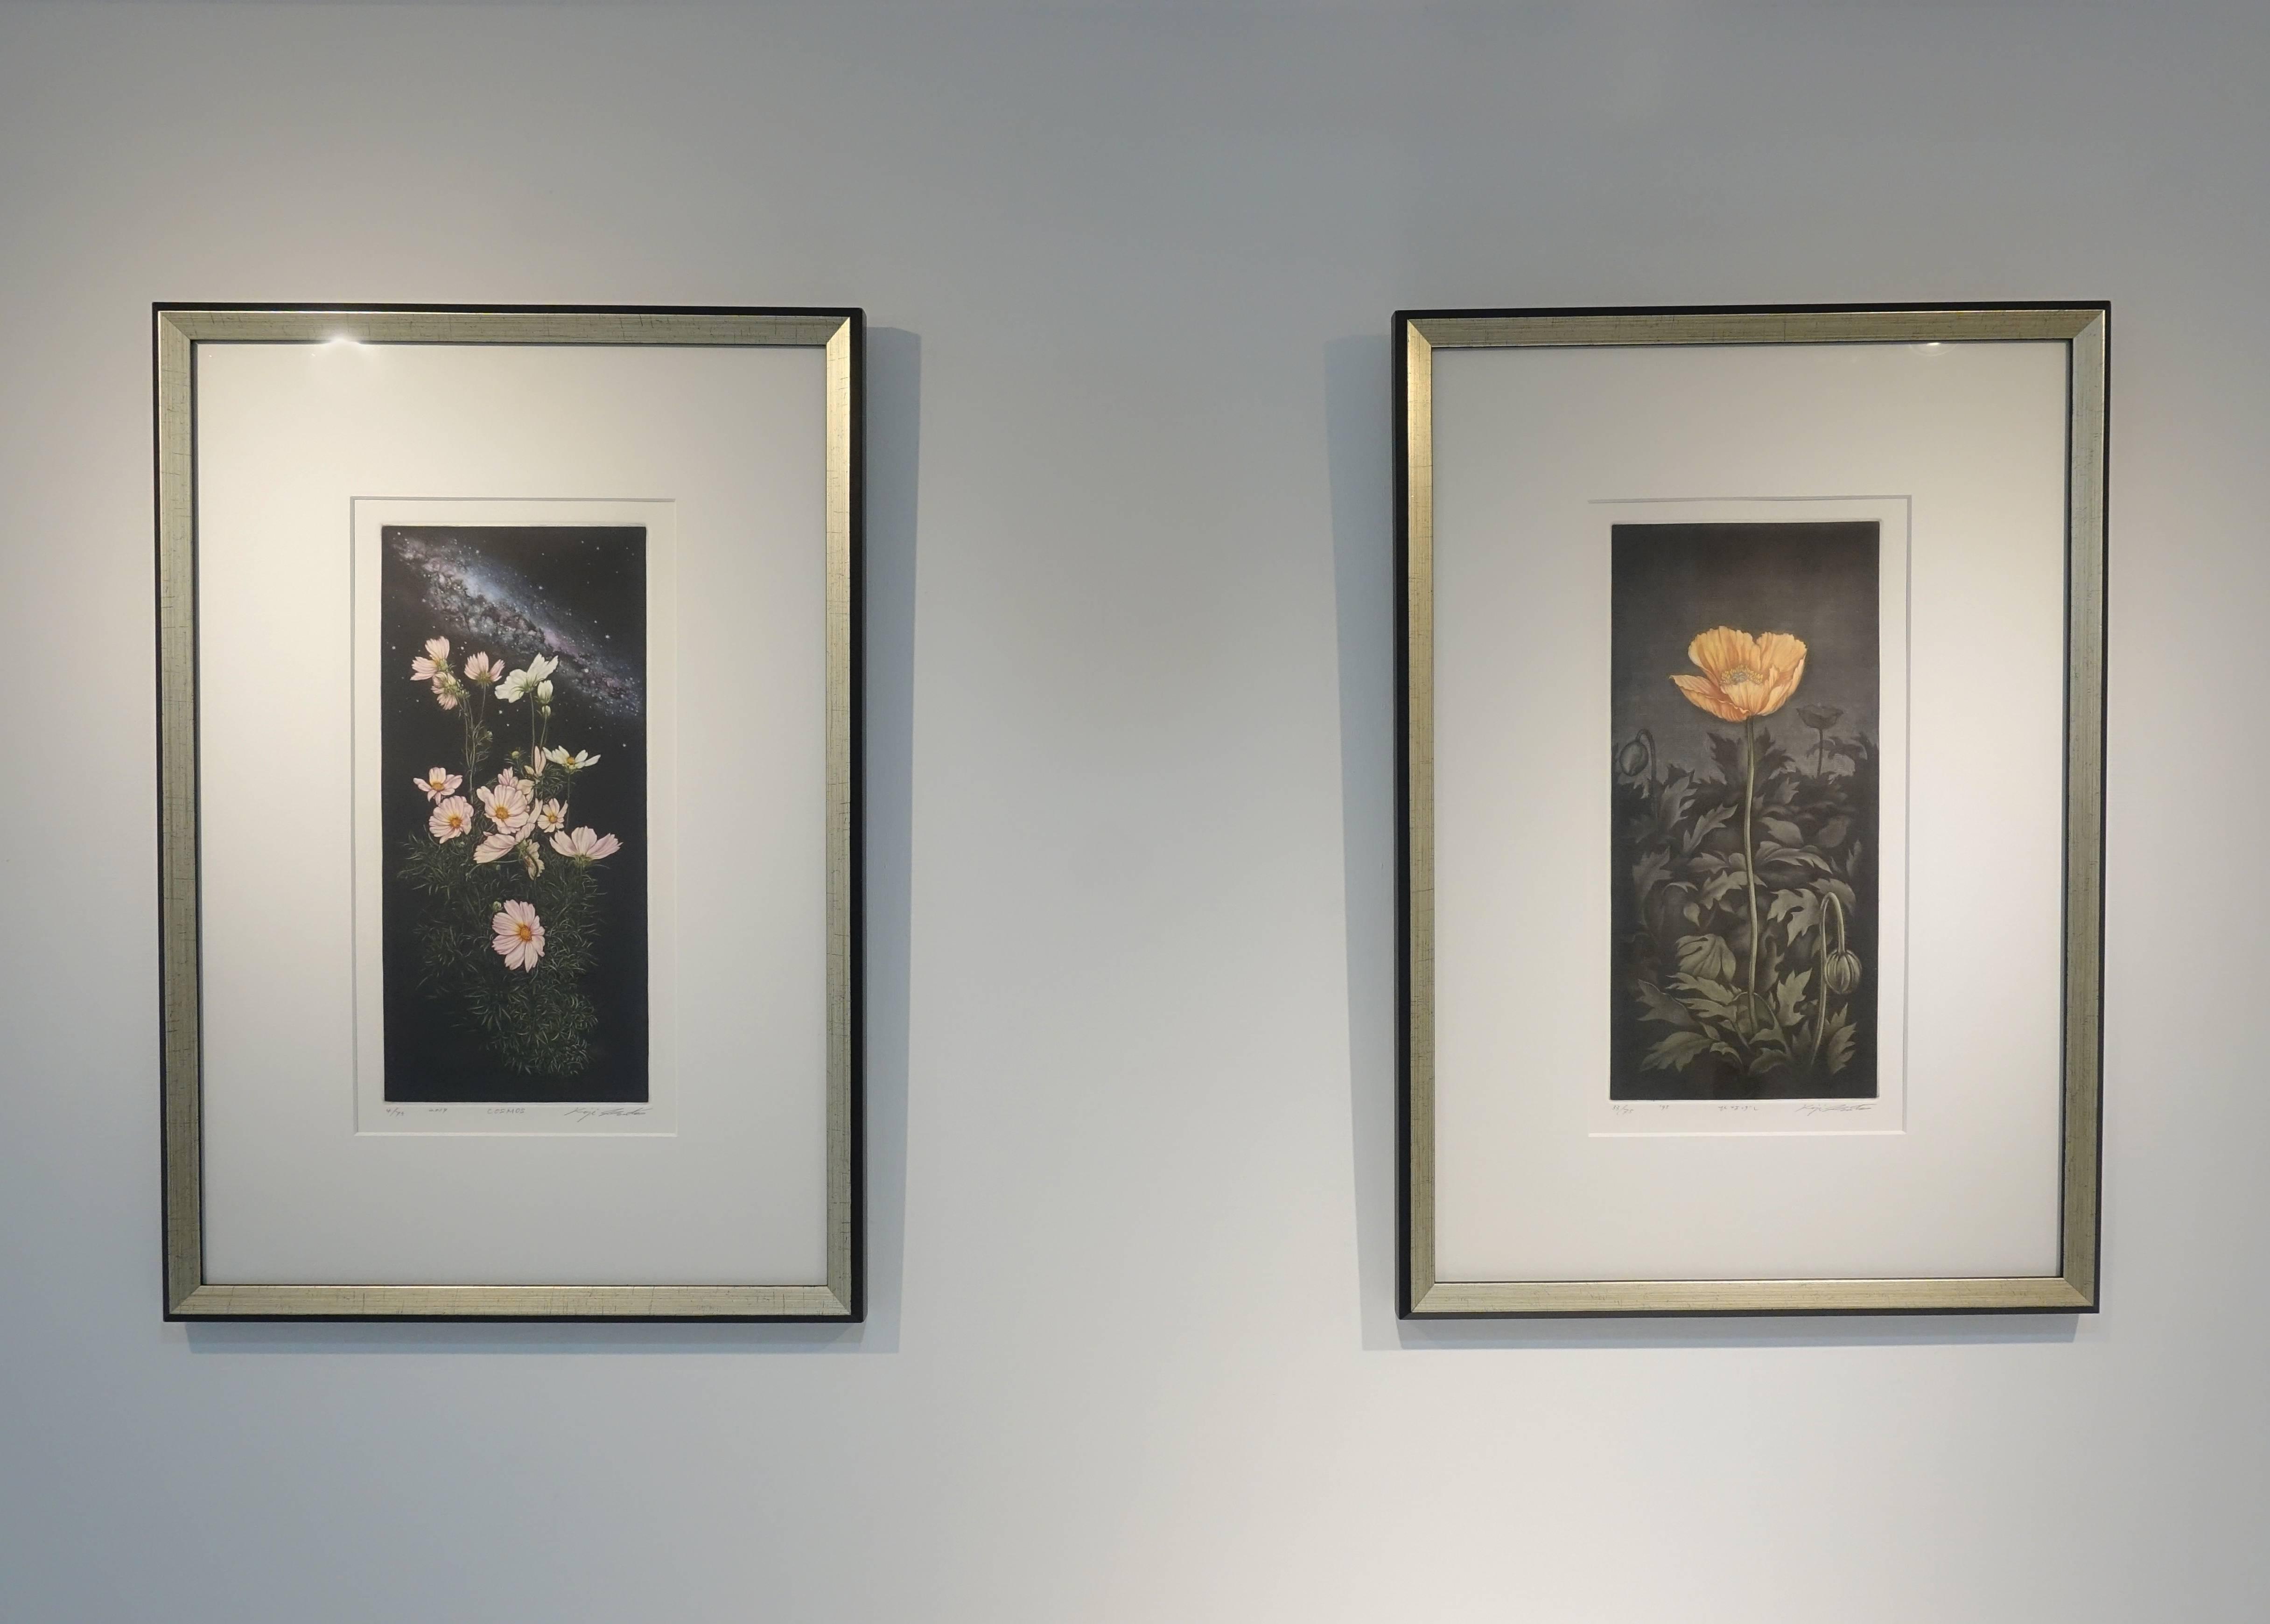 生田宏司,《虞美人(左)》,美柔汀銅版,1994。生田宏司,《波斯菊(右)》,美柔汀銅版,2019。